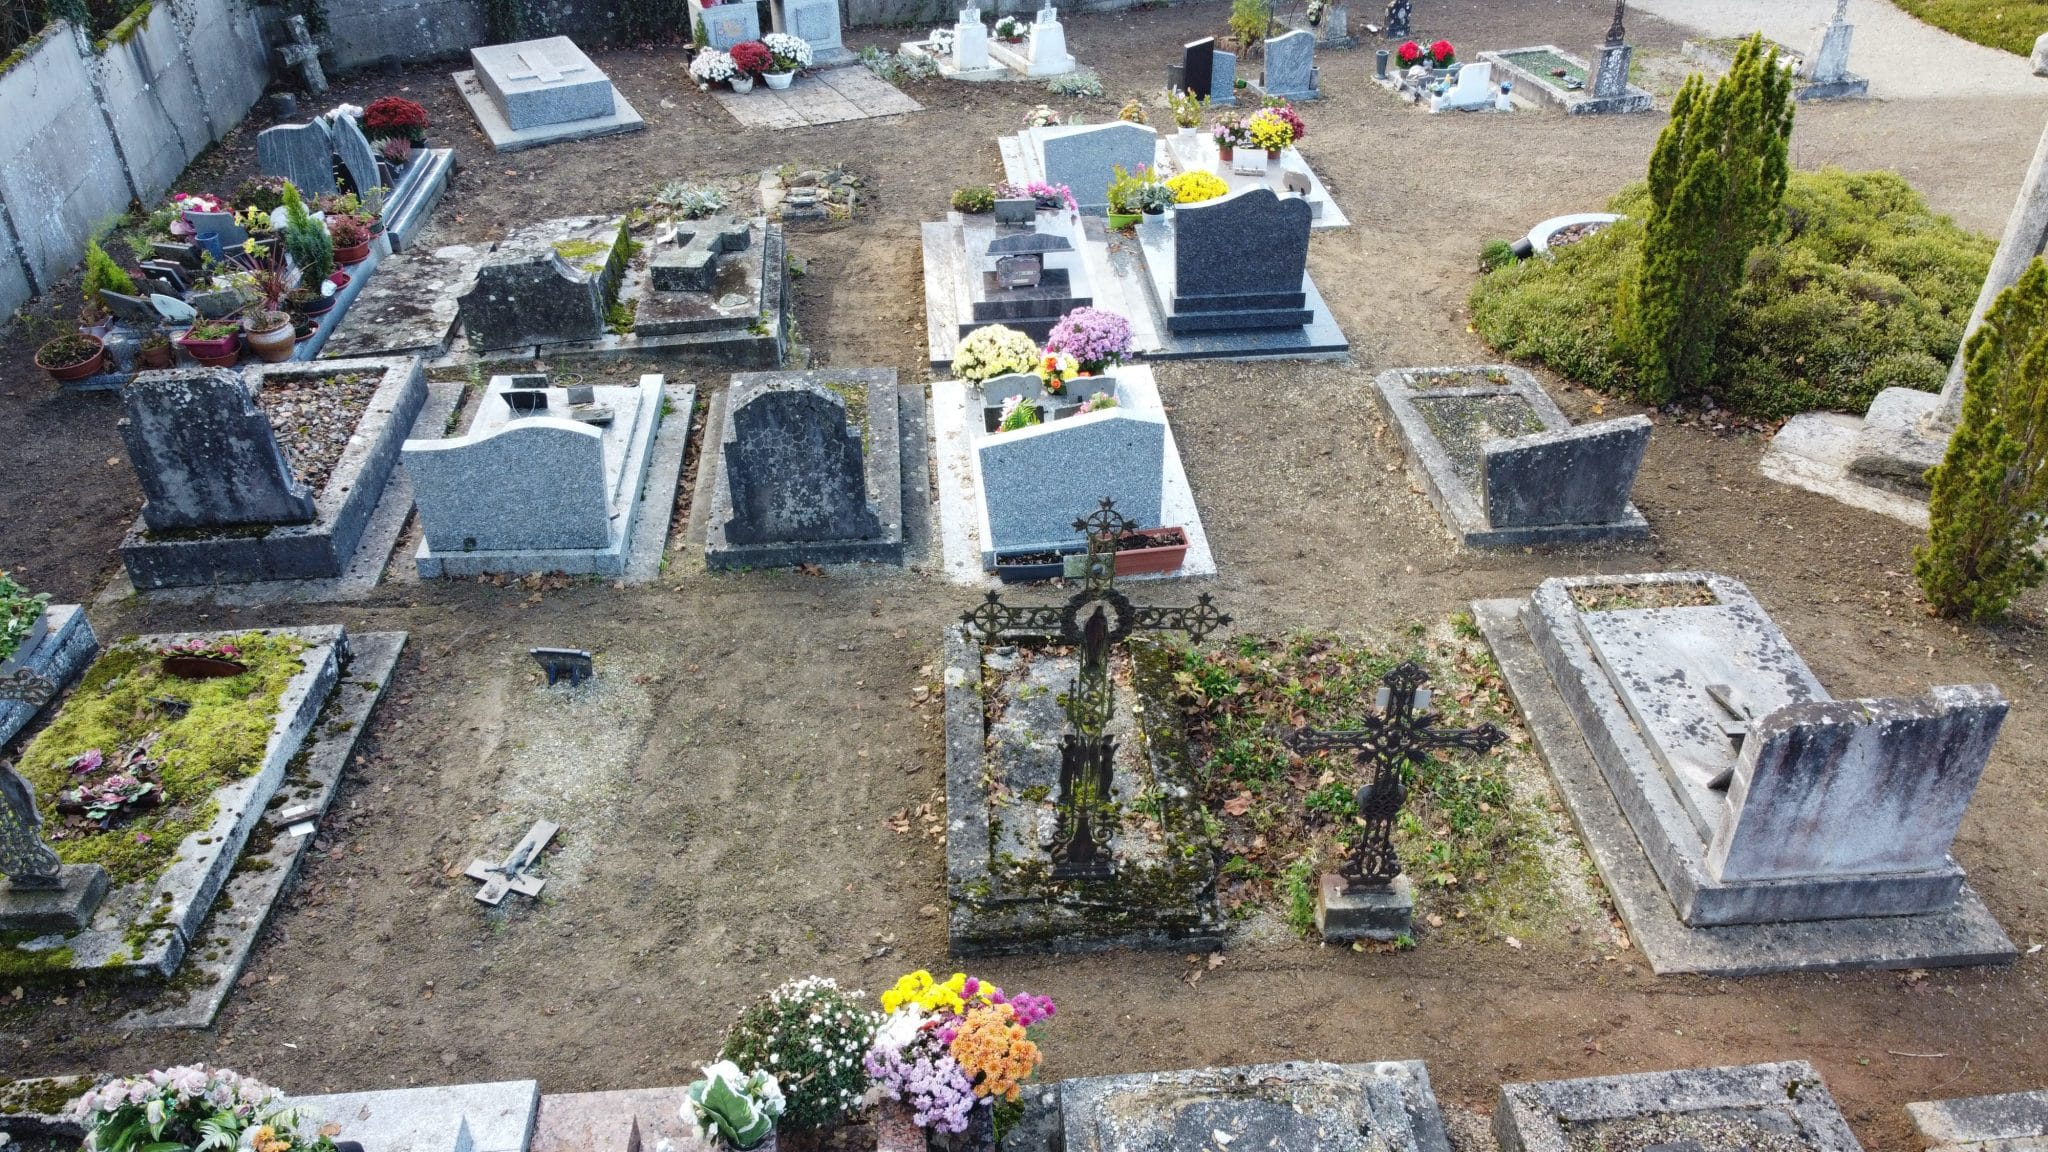 Les allées du cimetière engazonnées